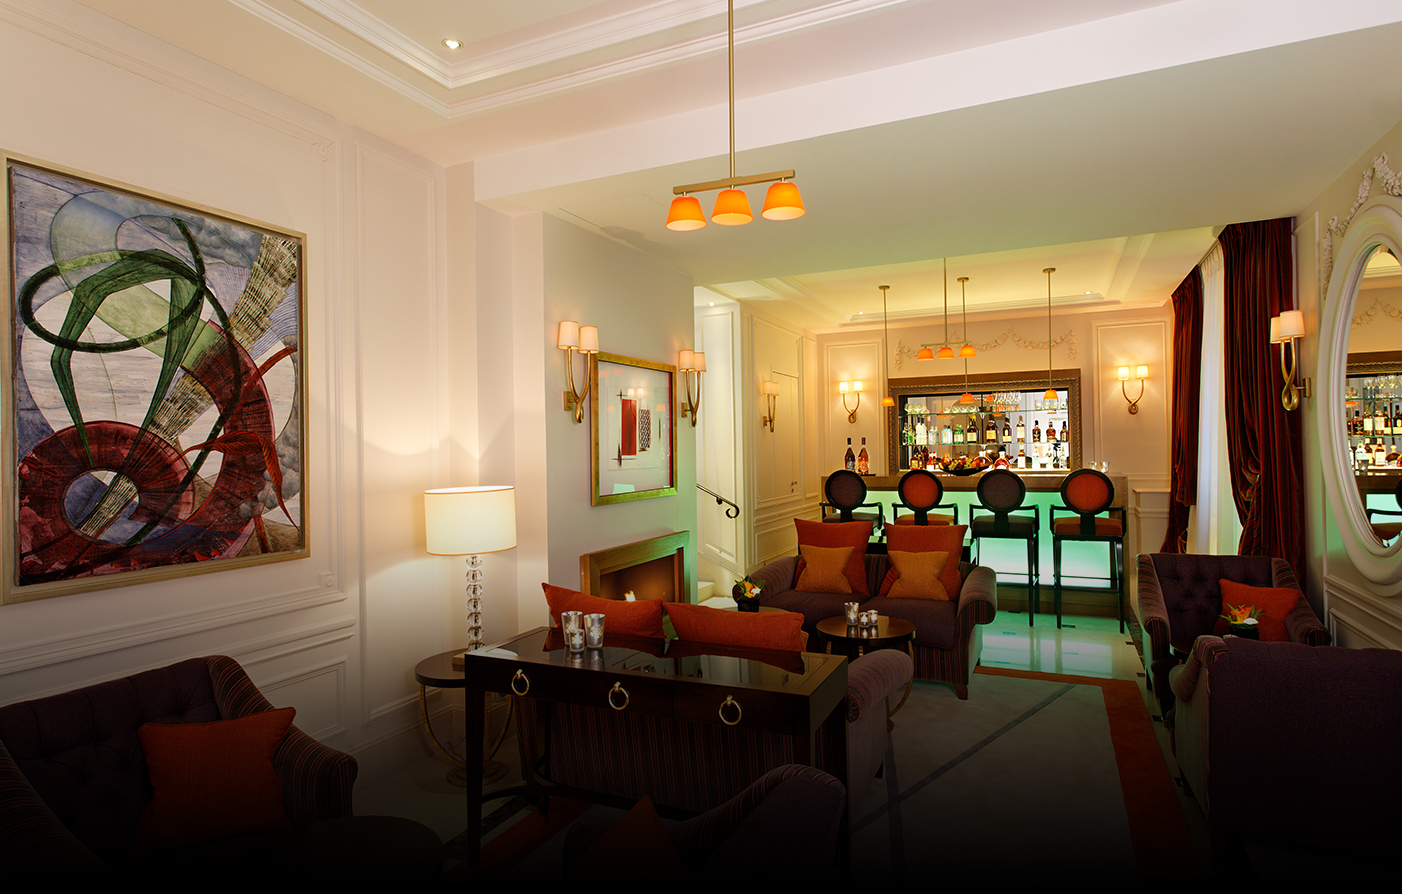 Majestic hotel spa paris boutique paris hotel paris for Hotel spa paris couple